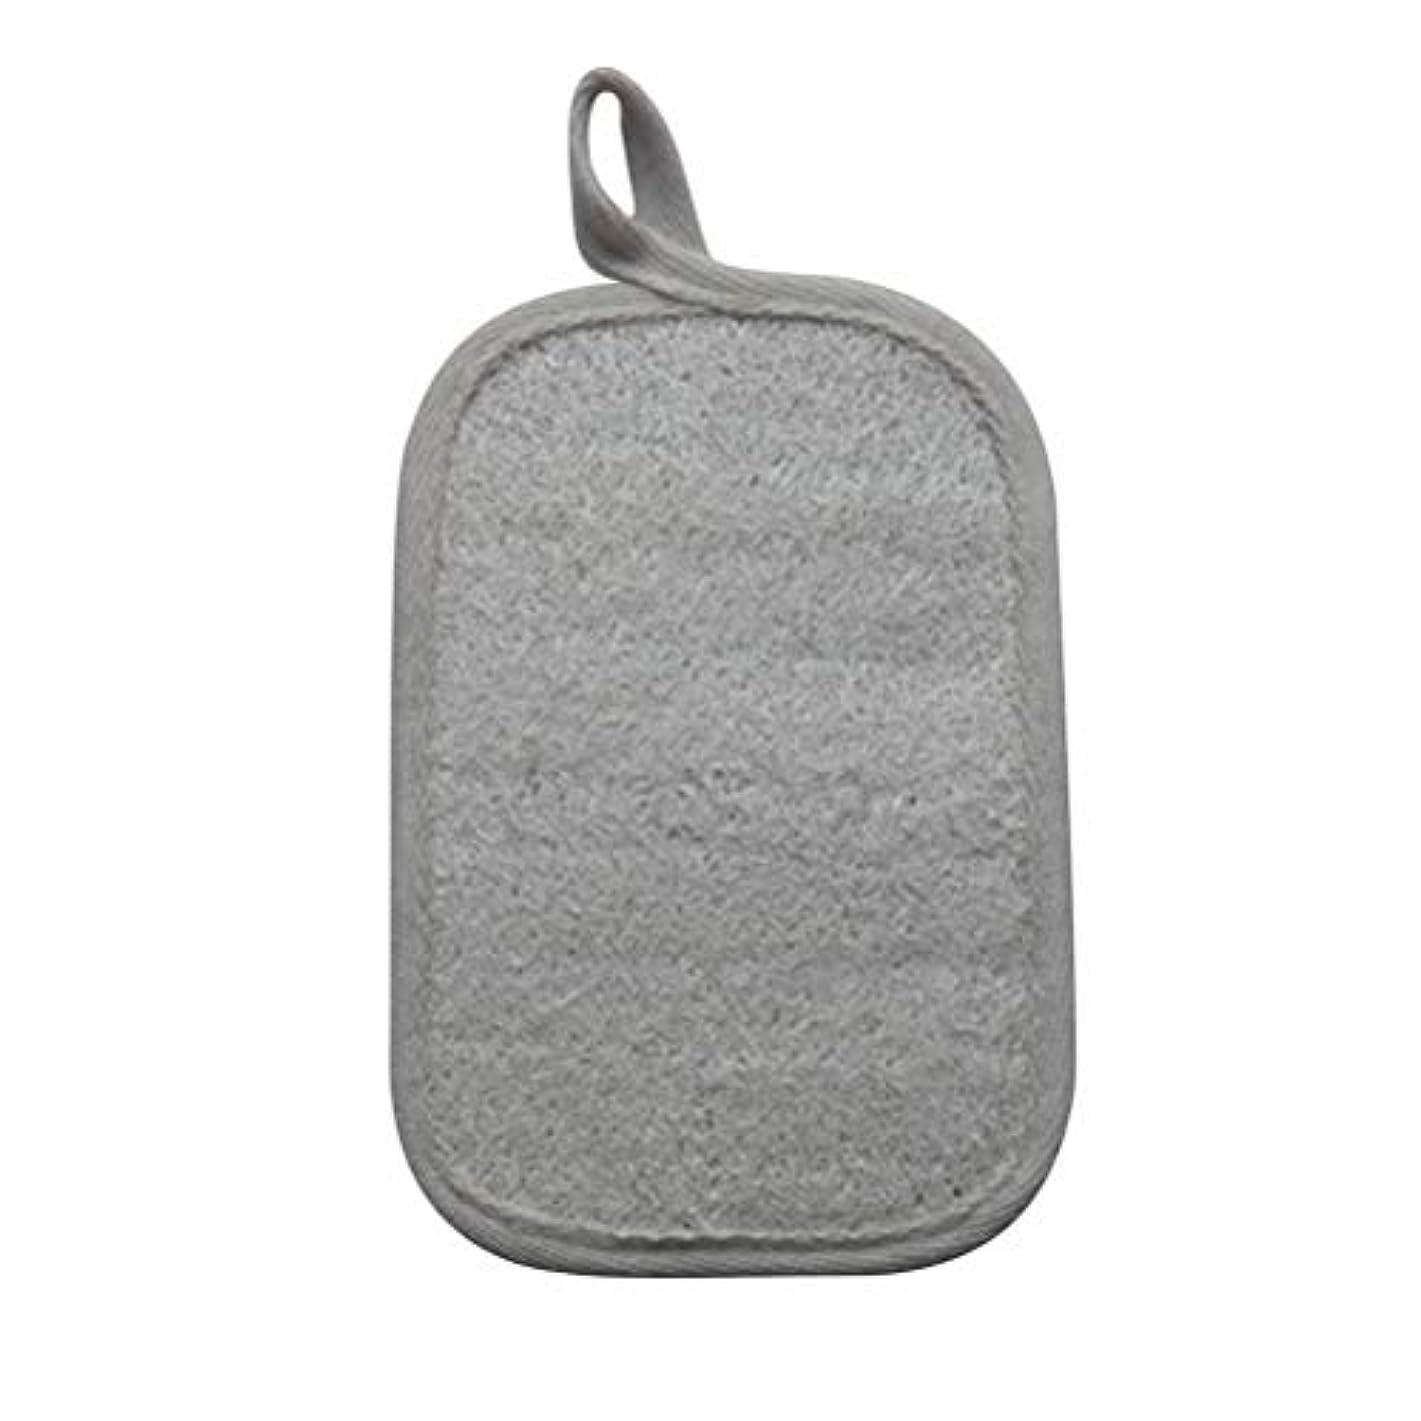 好戦的な摂動義務Healifty シャワーのための自然なLoofahのスポンジパッドの風呂の剥離のスポンジのスクラバーのブラシ